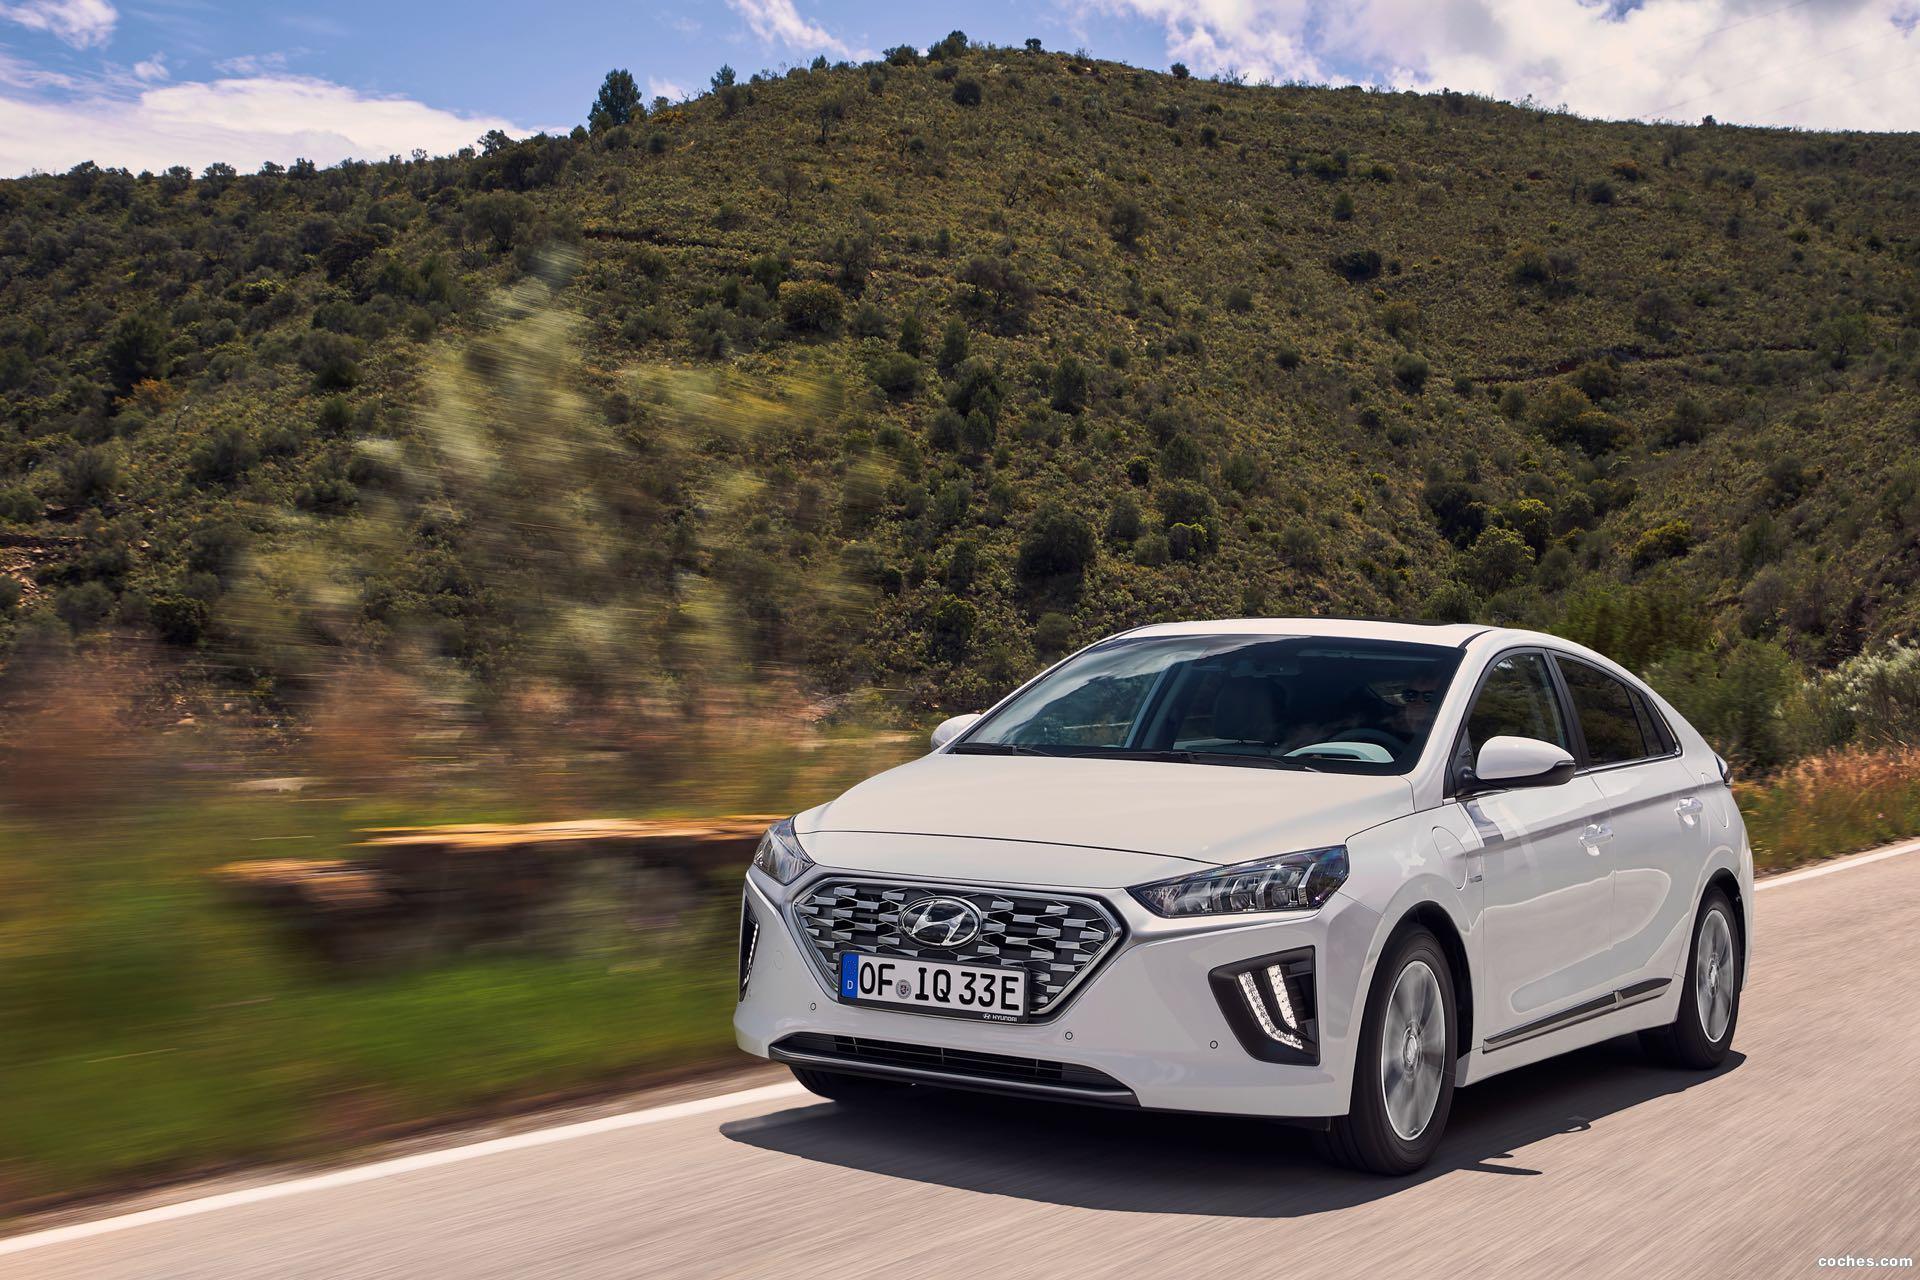 Foto 8 de Hyundai Ioniq plug-in 2019